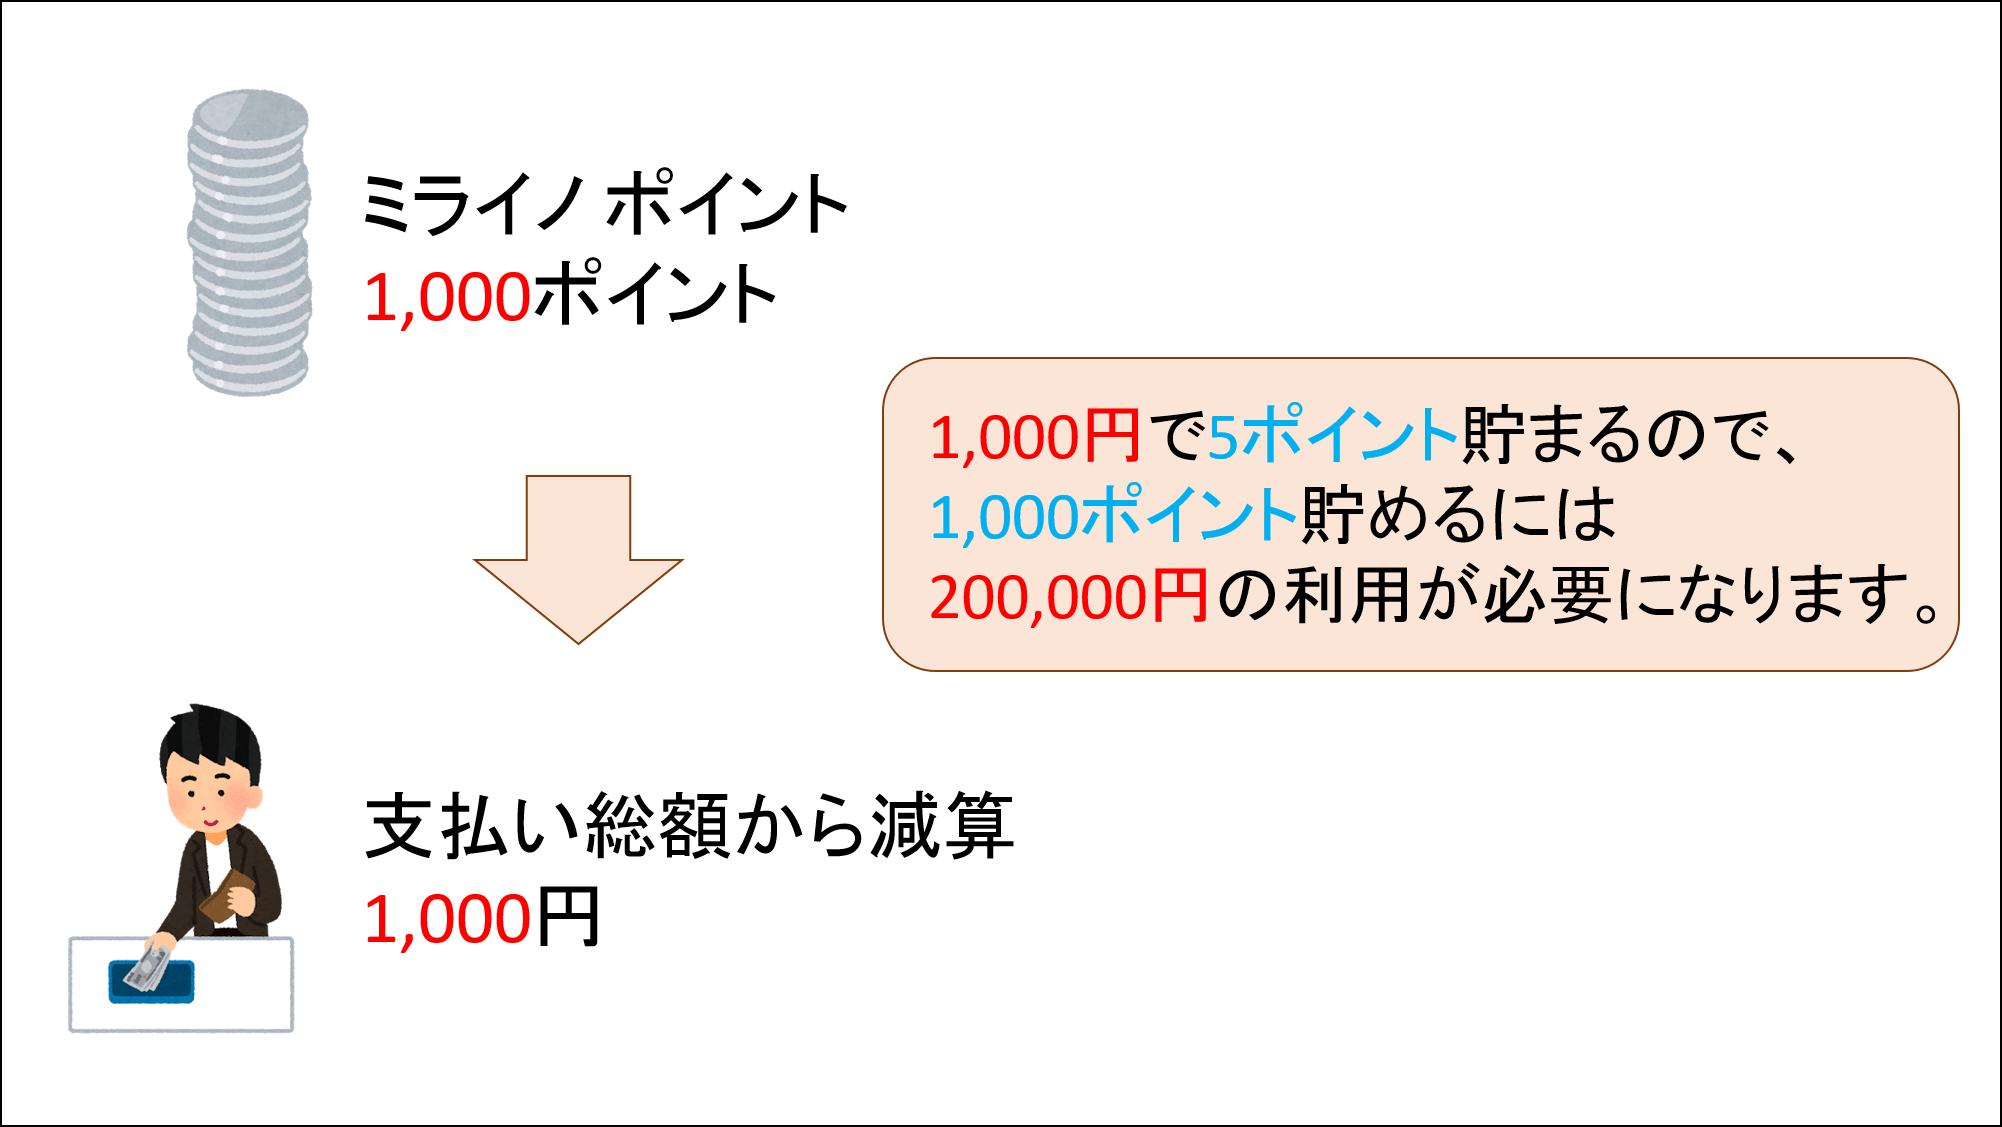 ミライノポイント⇒減算